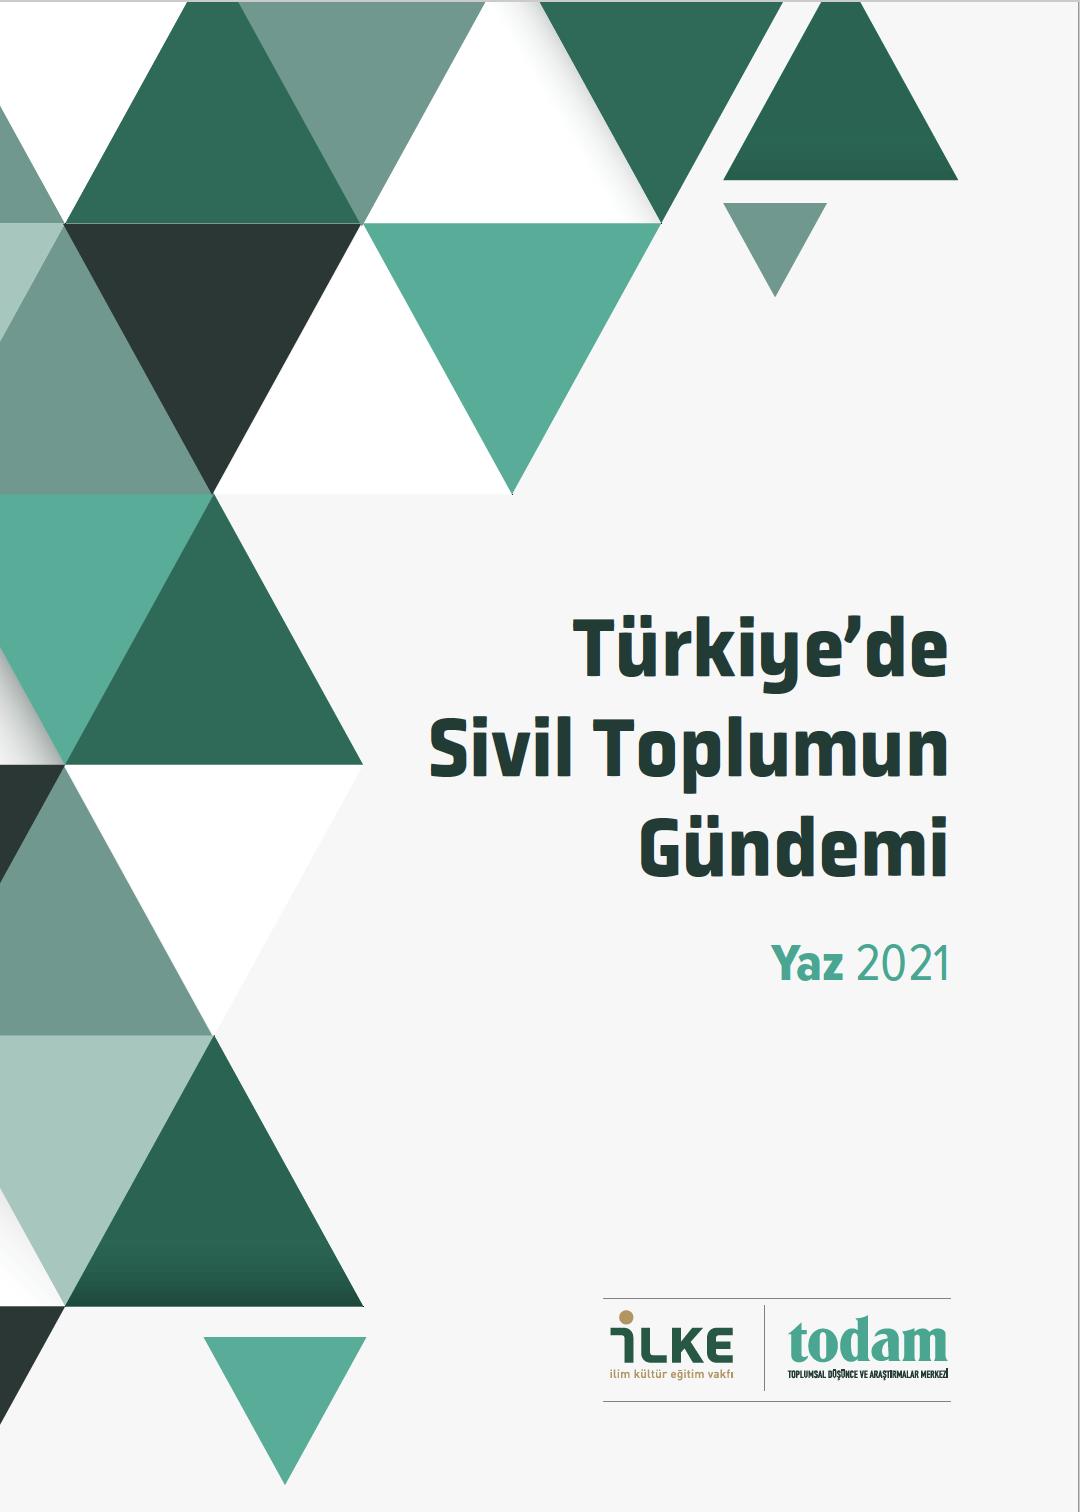 Türkiye'de Sivil Toplumun Gündemi Yaz 2021 Sayısı Yayımlandı